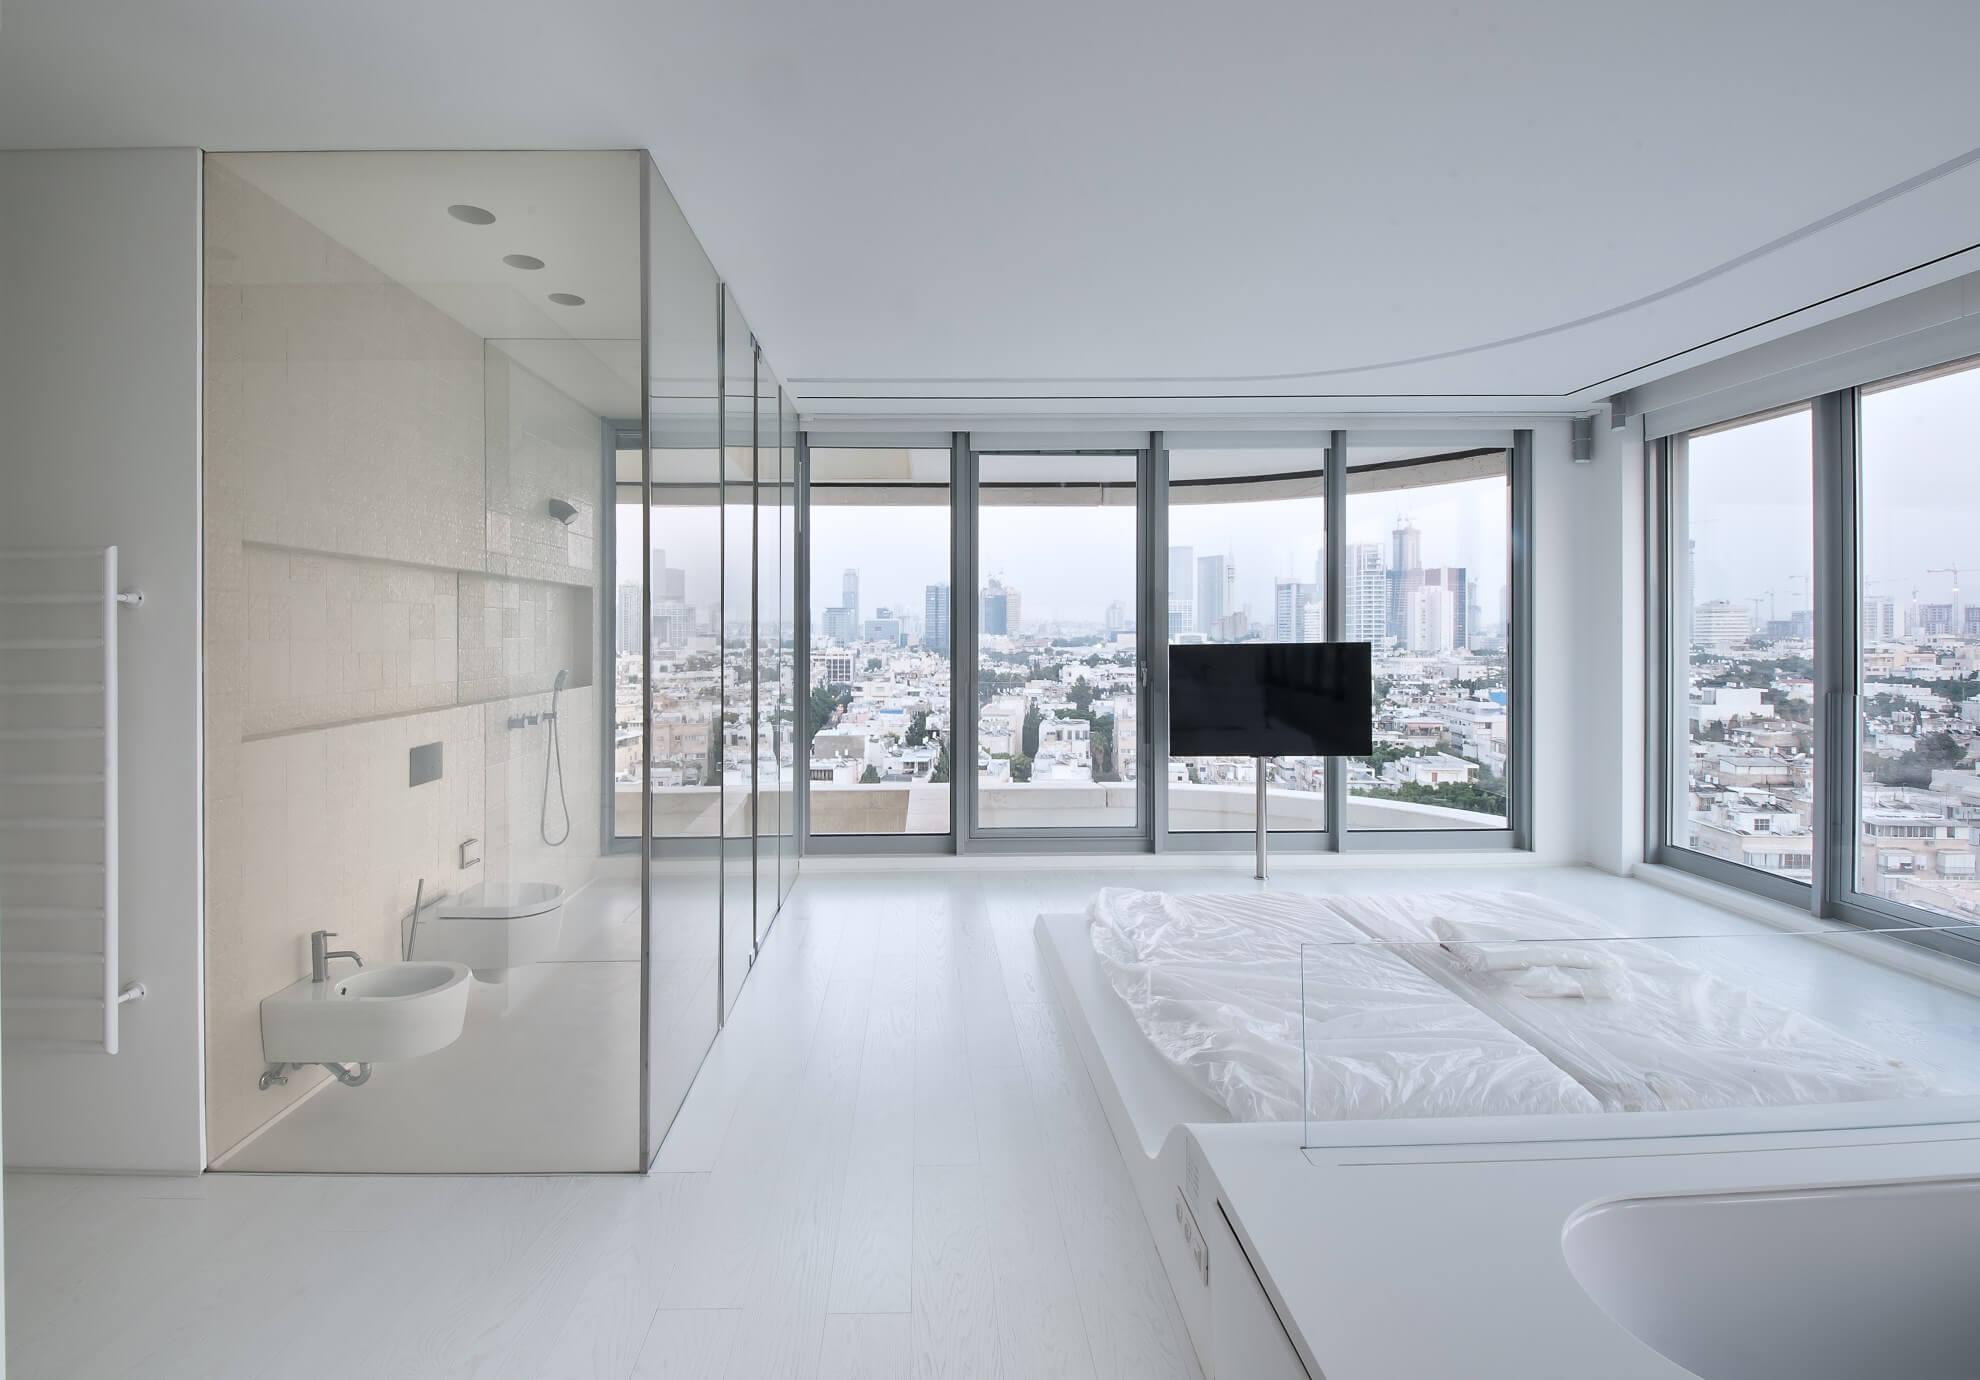 שינוי החלל מלופט גדול לשני חדרי שינה